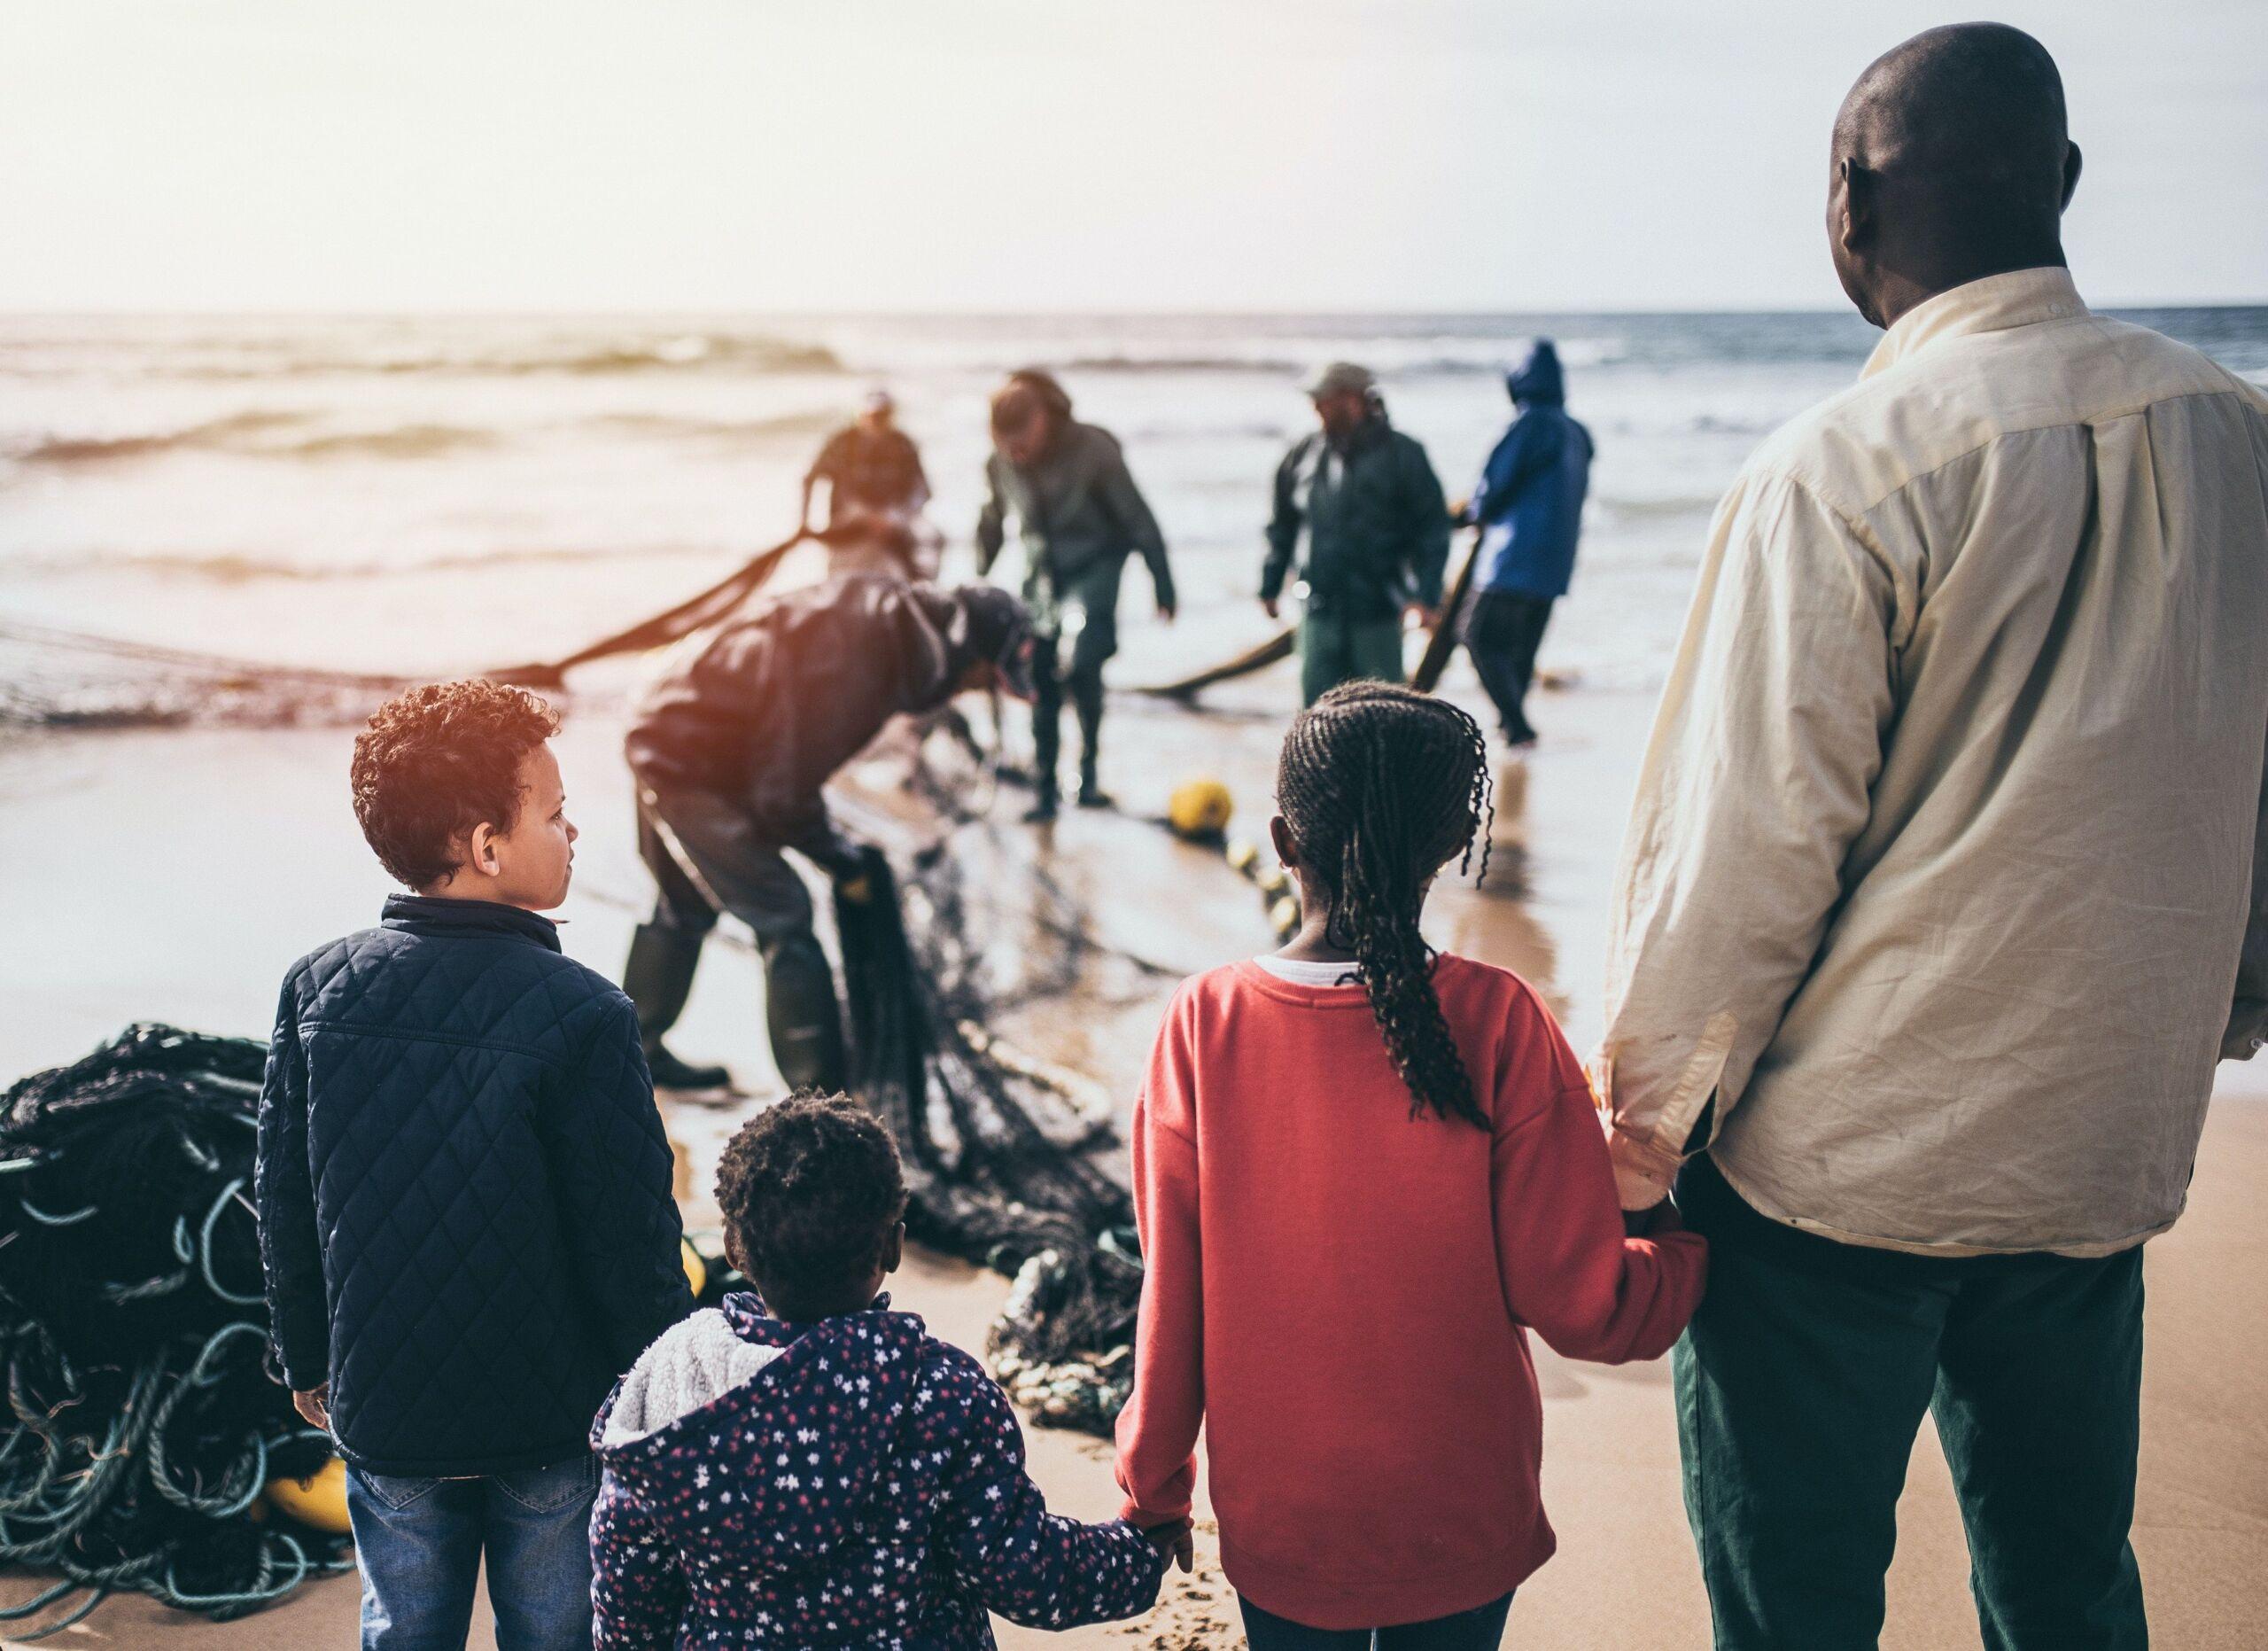 Ein Vater mit seinen drei Kindern steht am Strand und schaut aufs Meer